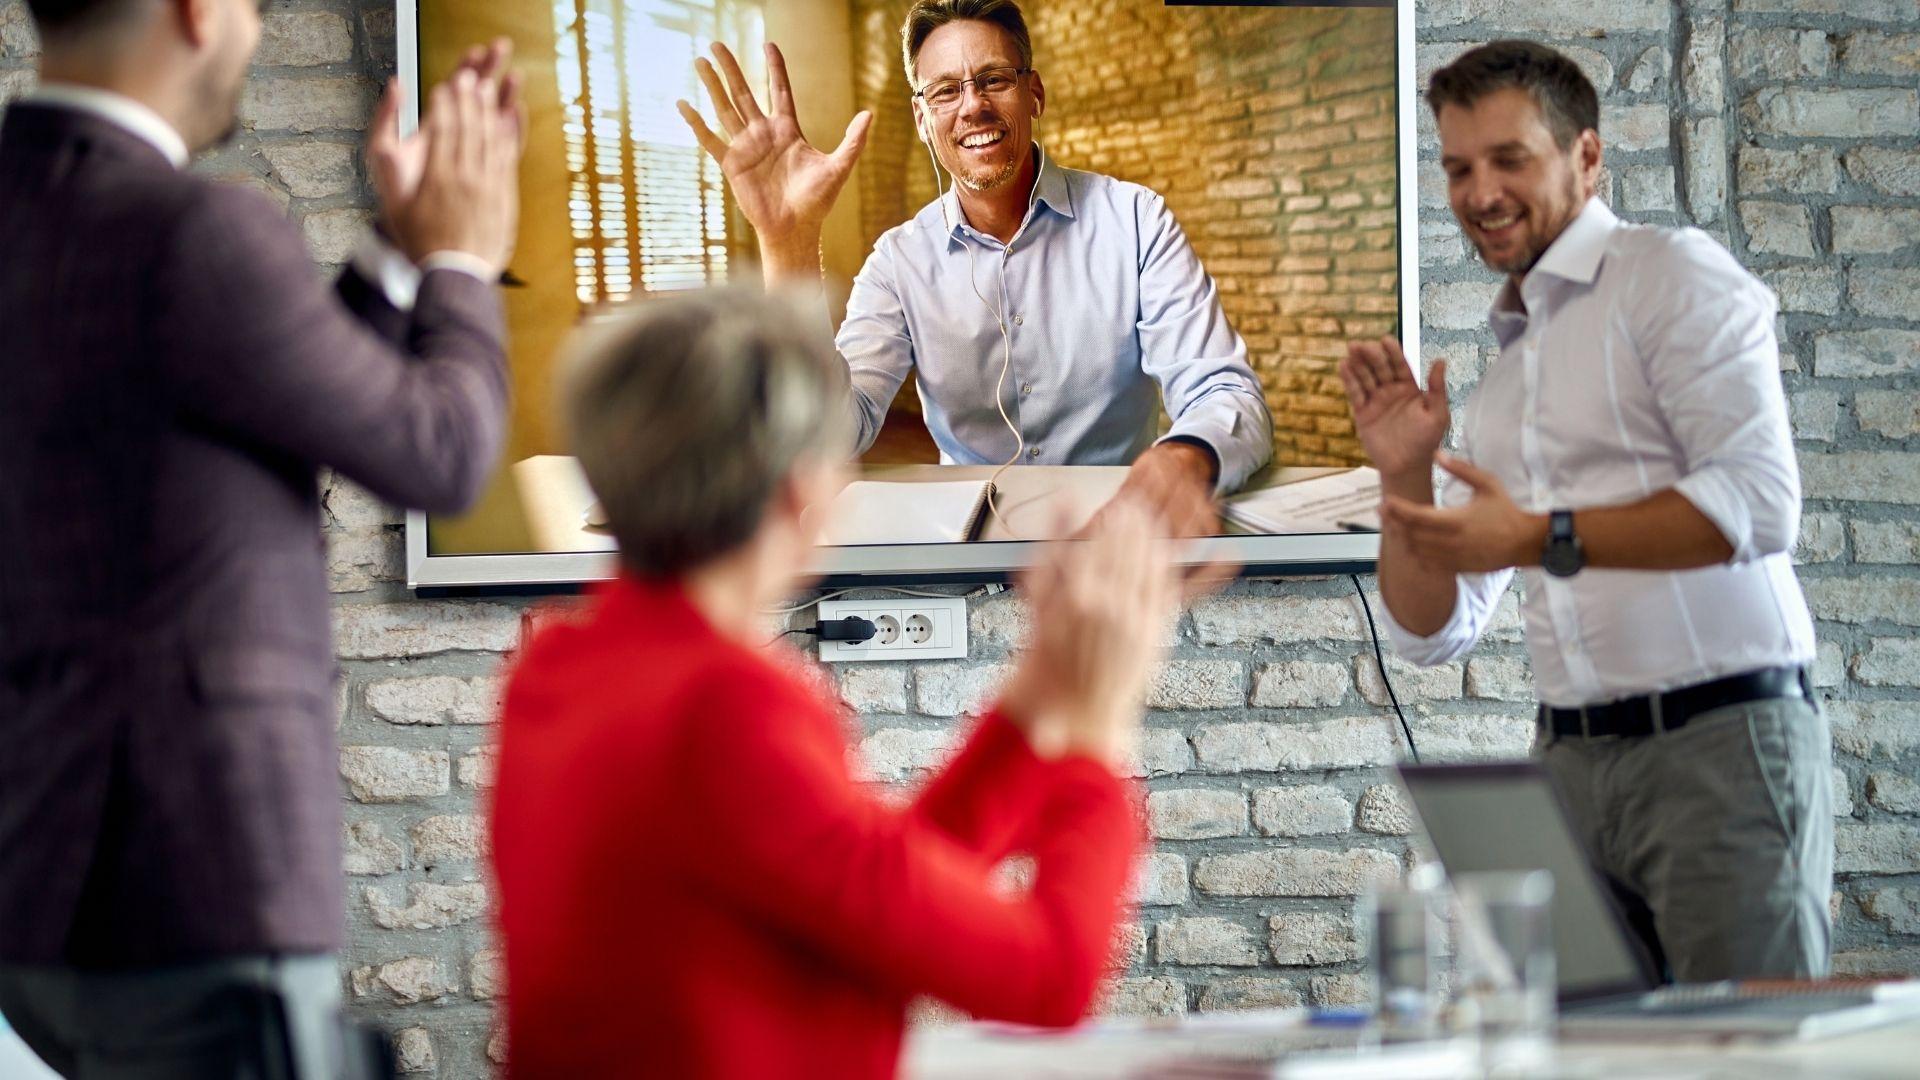 digitally-ready-workforce